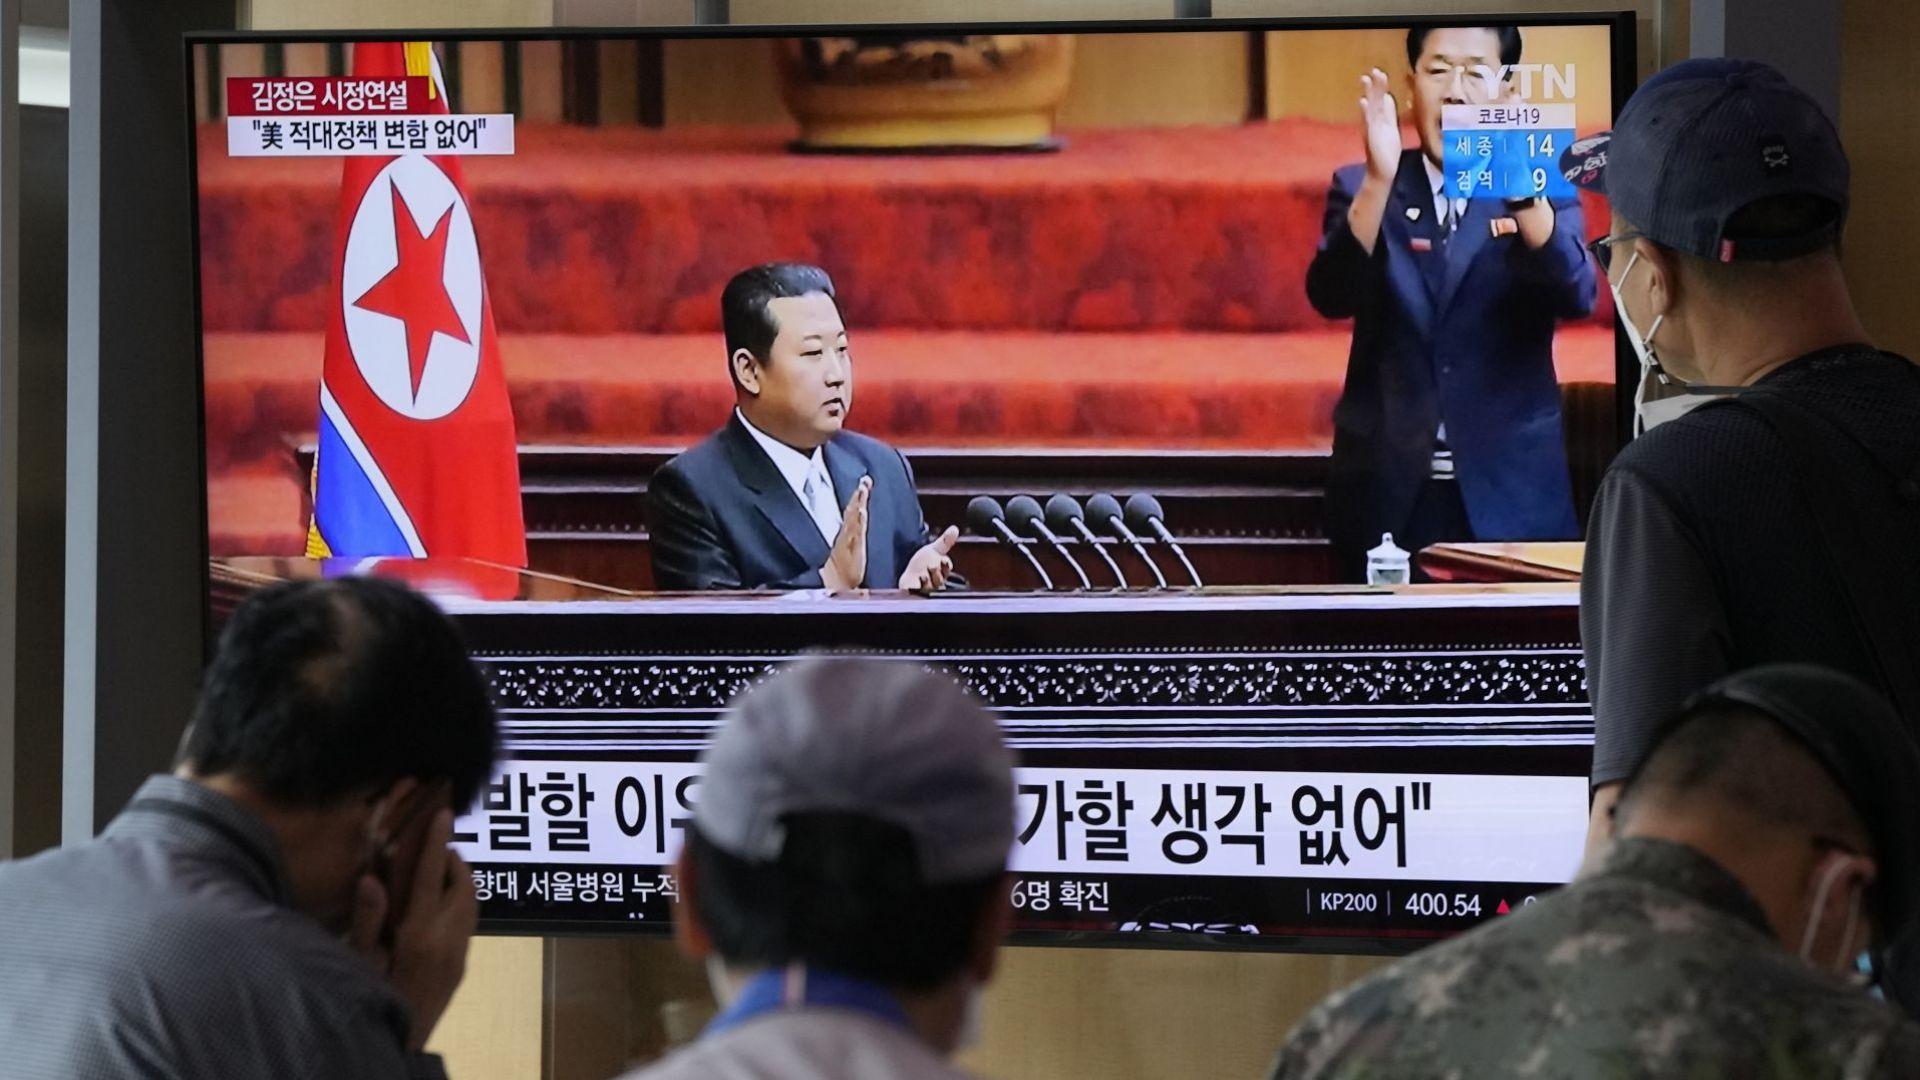 """""""Другарят"""" Ким назначи сестра си на висок пост, възстановява връзките с Южна Корея до дни"""